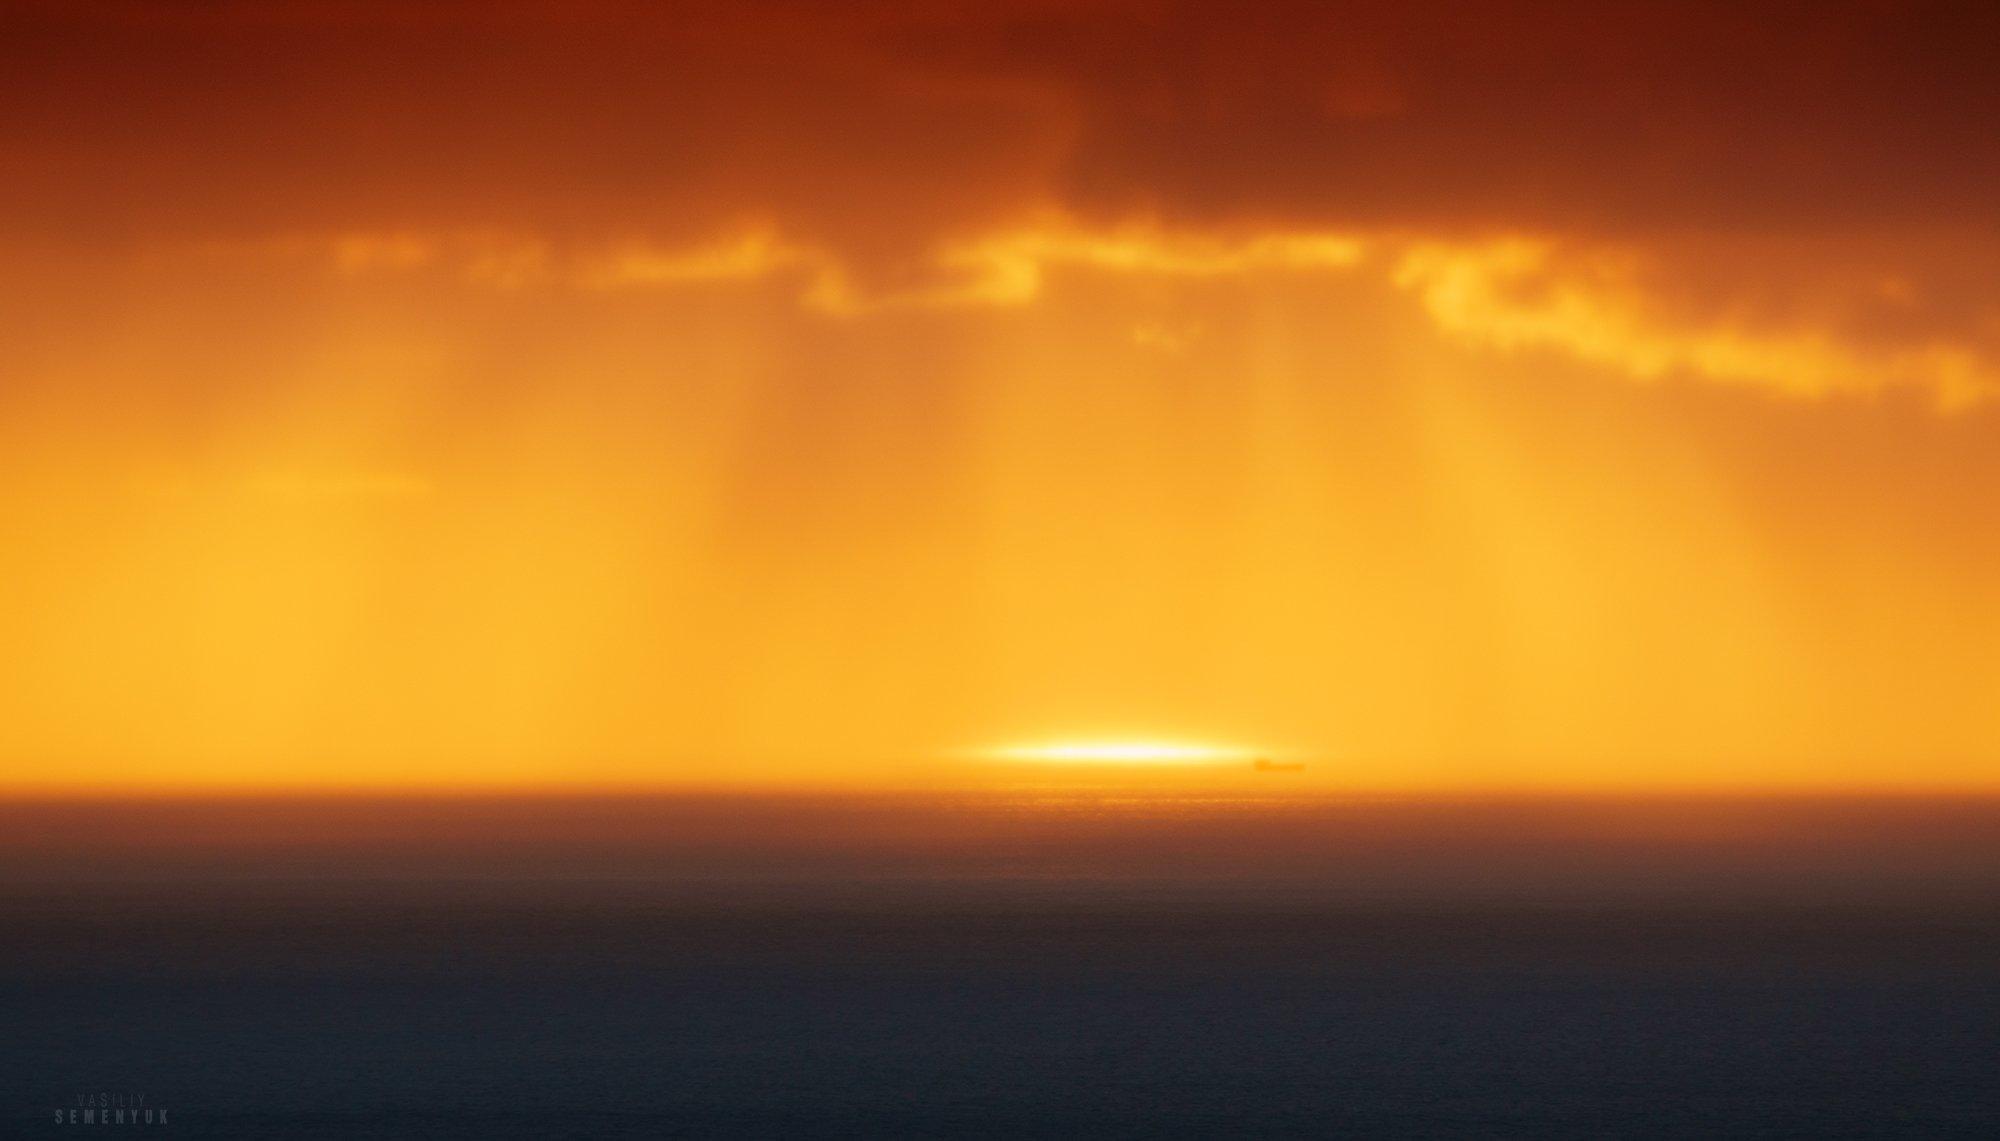 чёрное море, облака, солнечный луч, свет, настроение, танкер, судно., Семенюк Василий